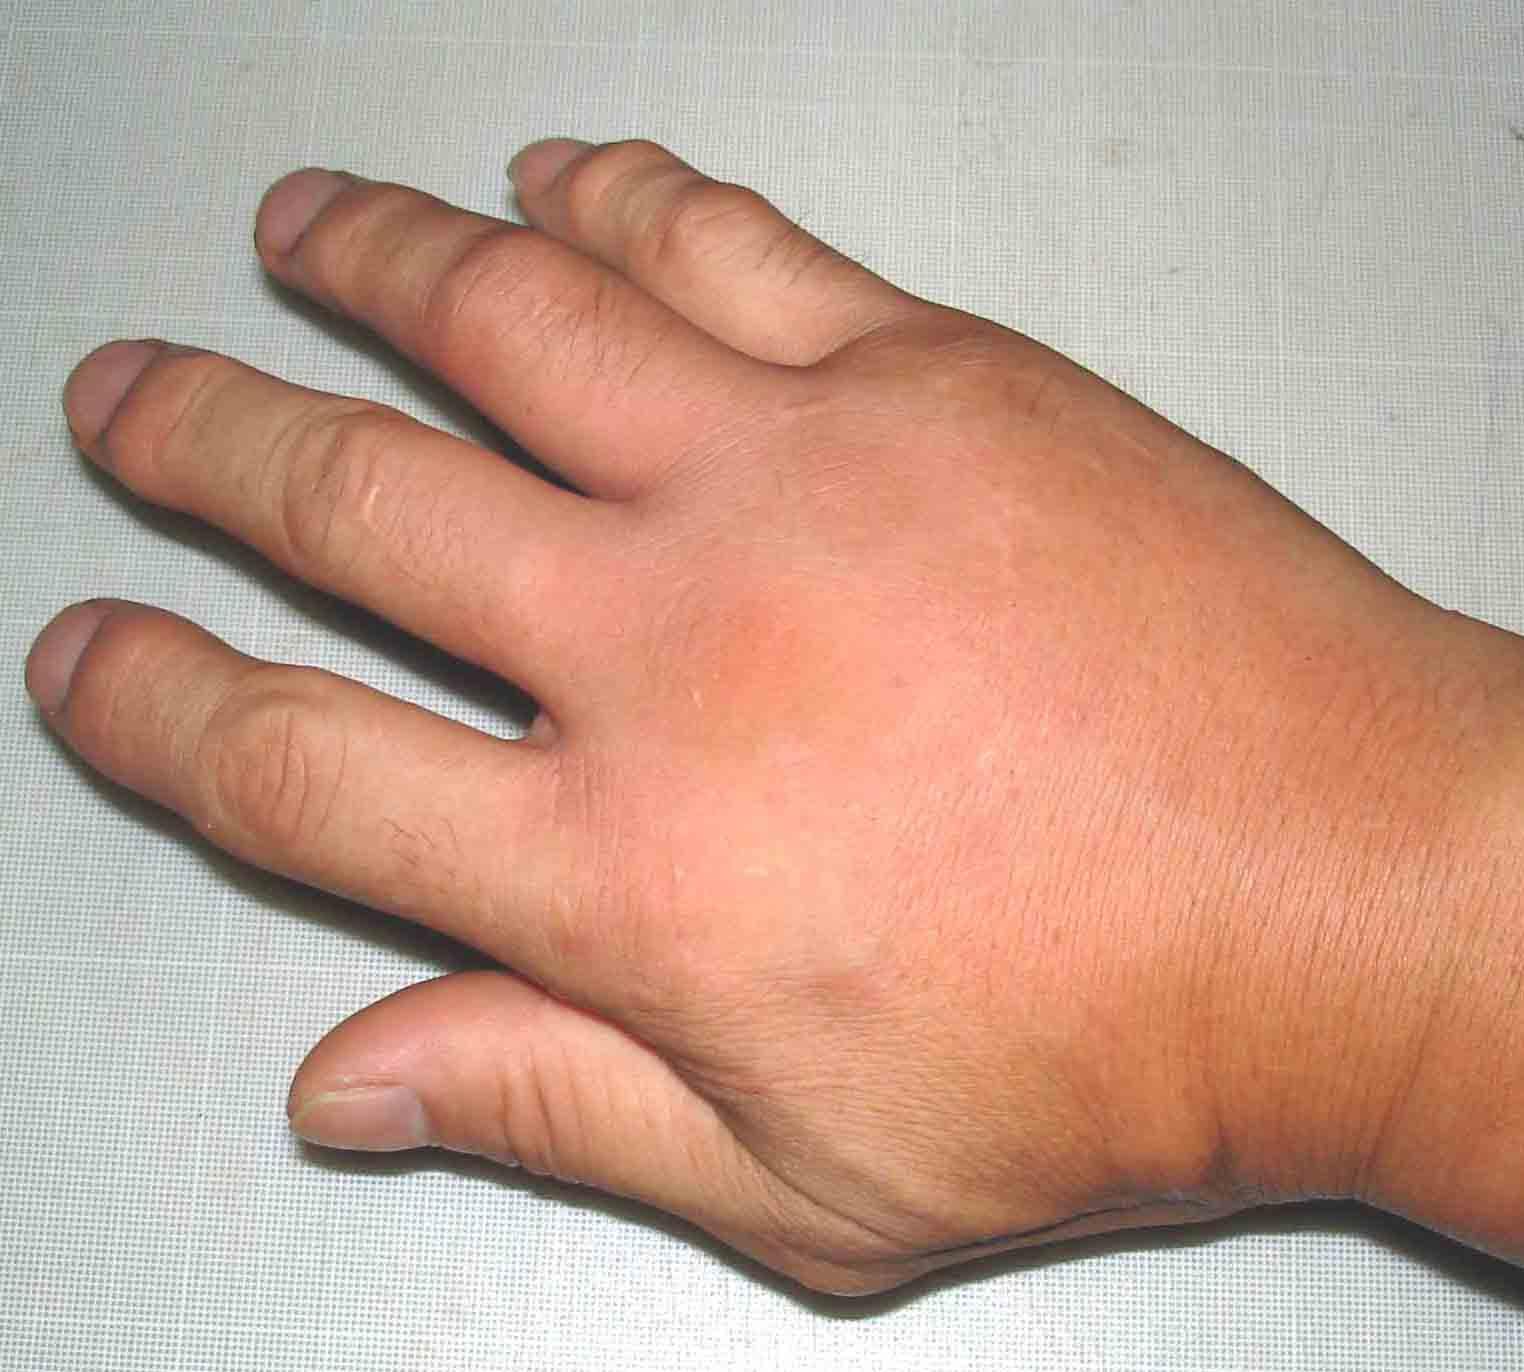 腫れた右手の状態(16日22:02)